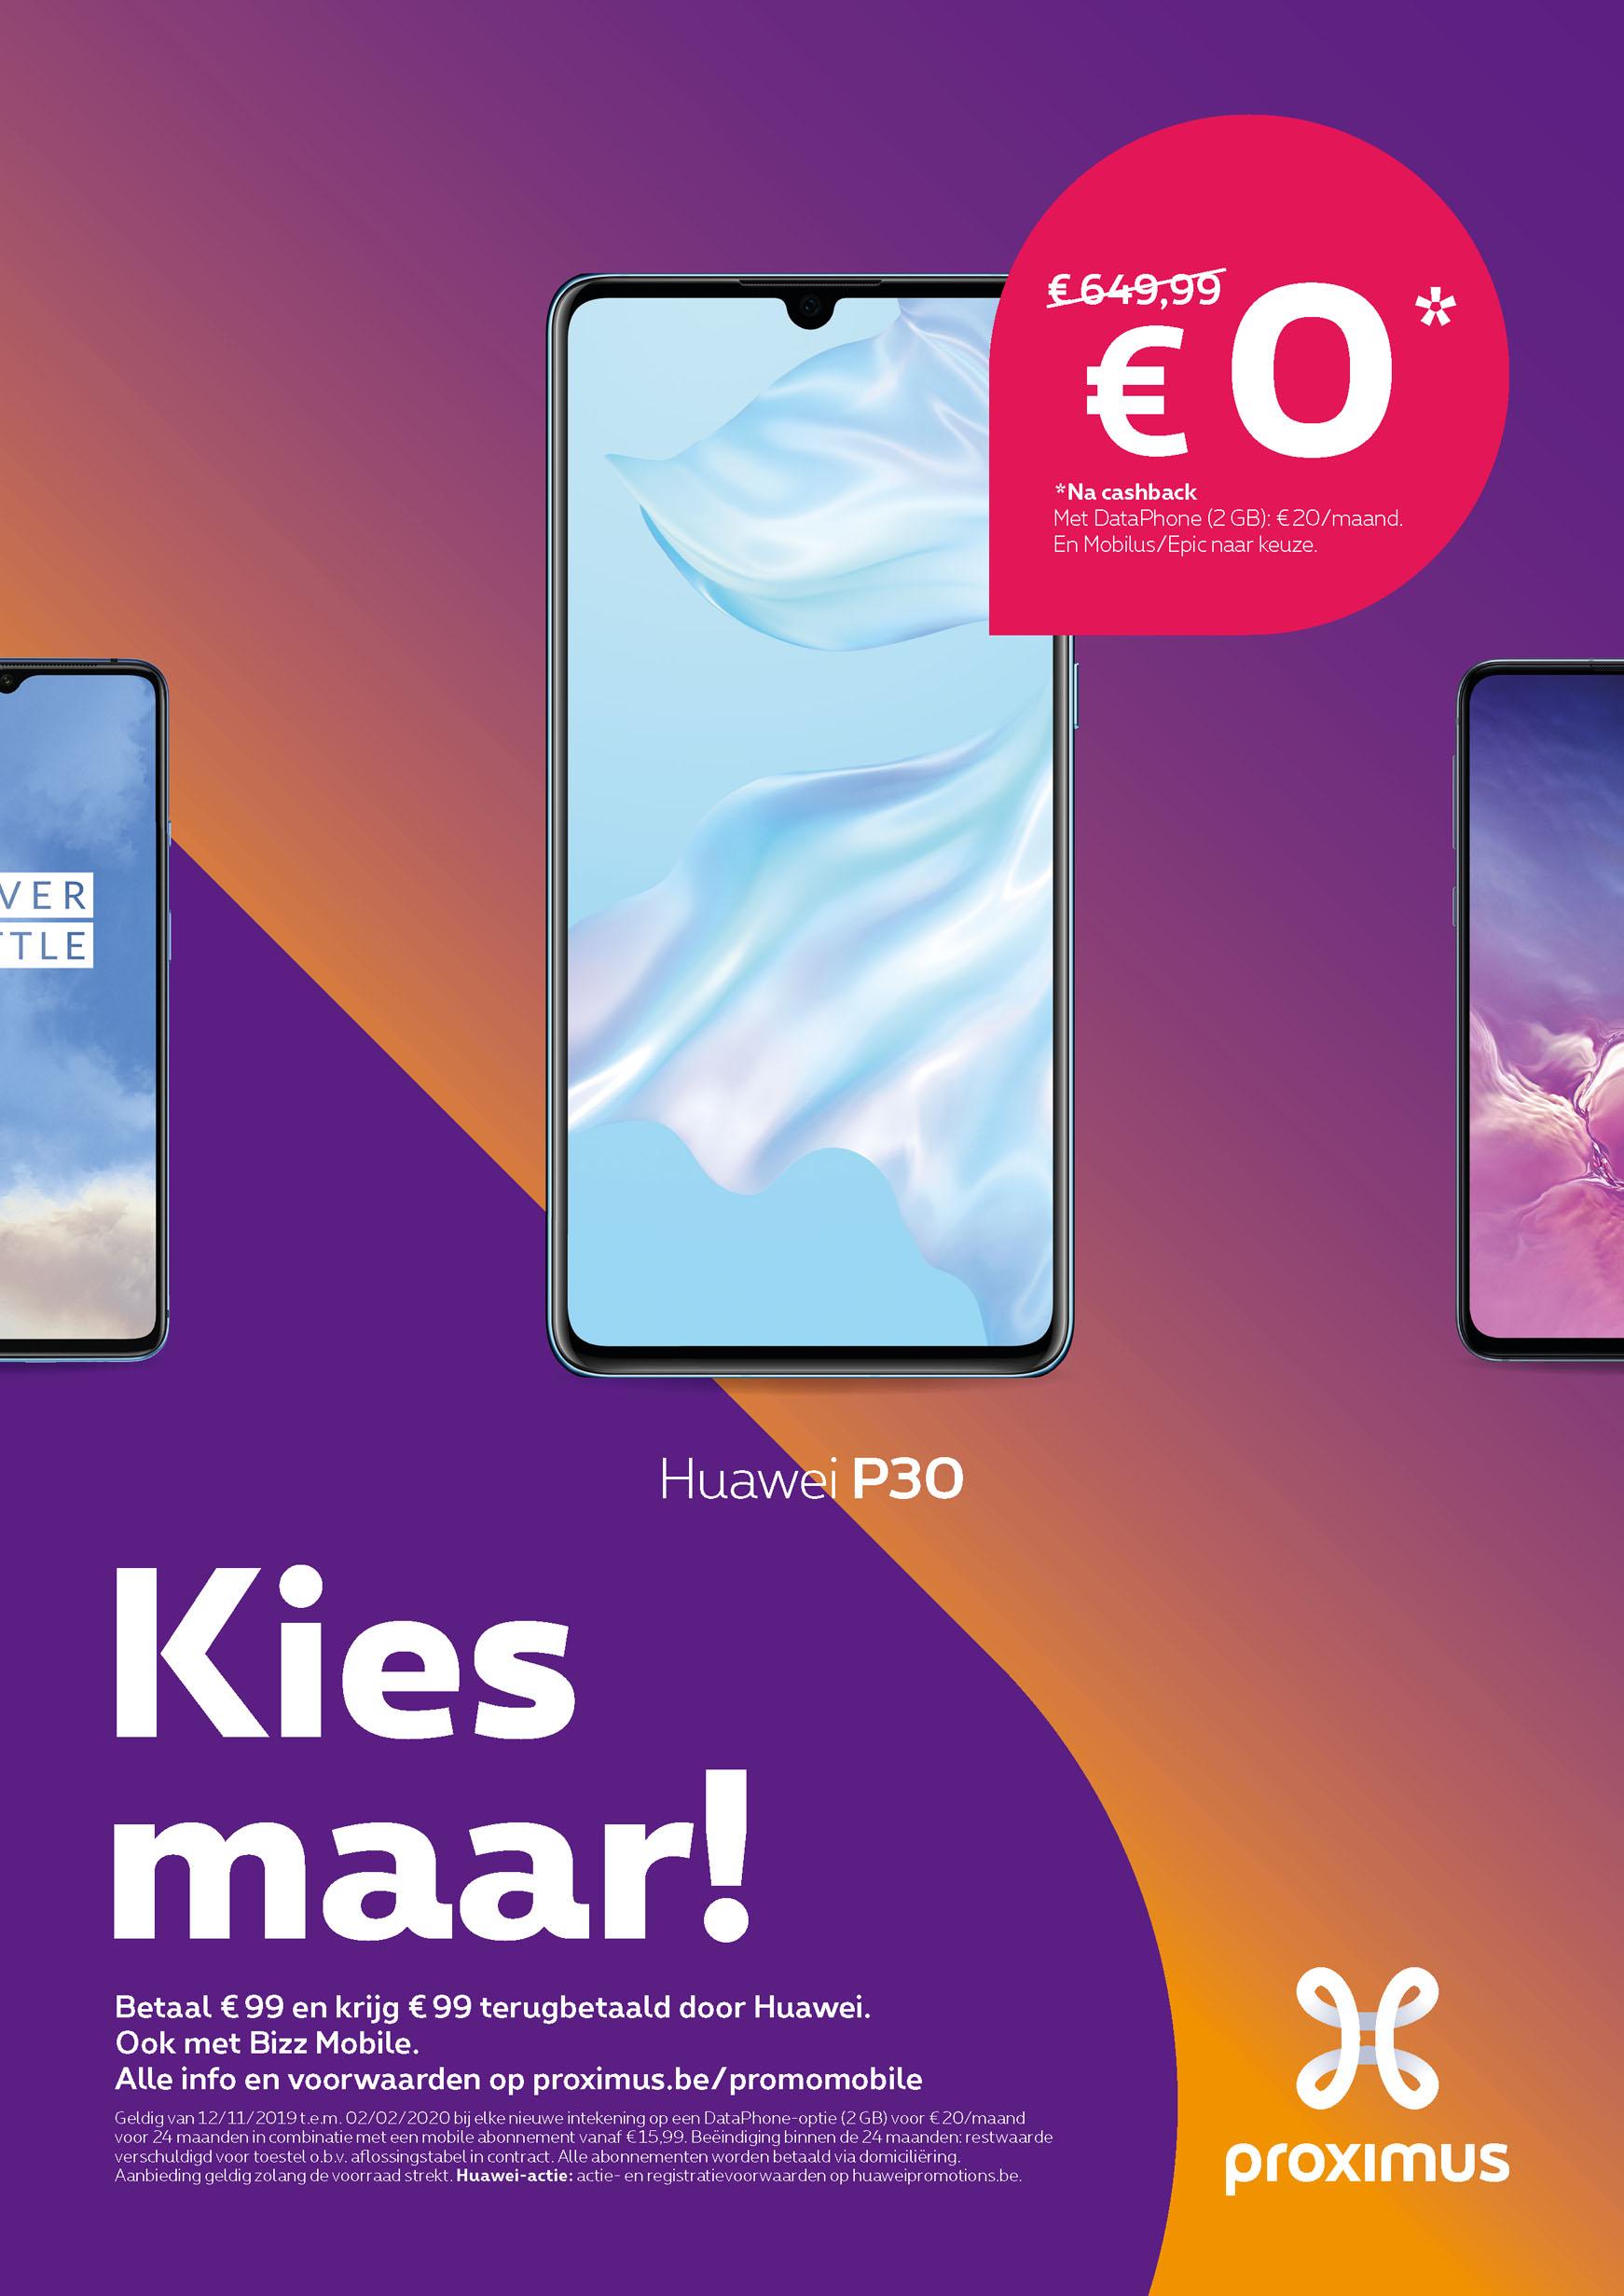 Promotions_JO_JO_Huawei_P30_20191105-201